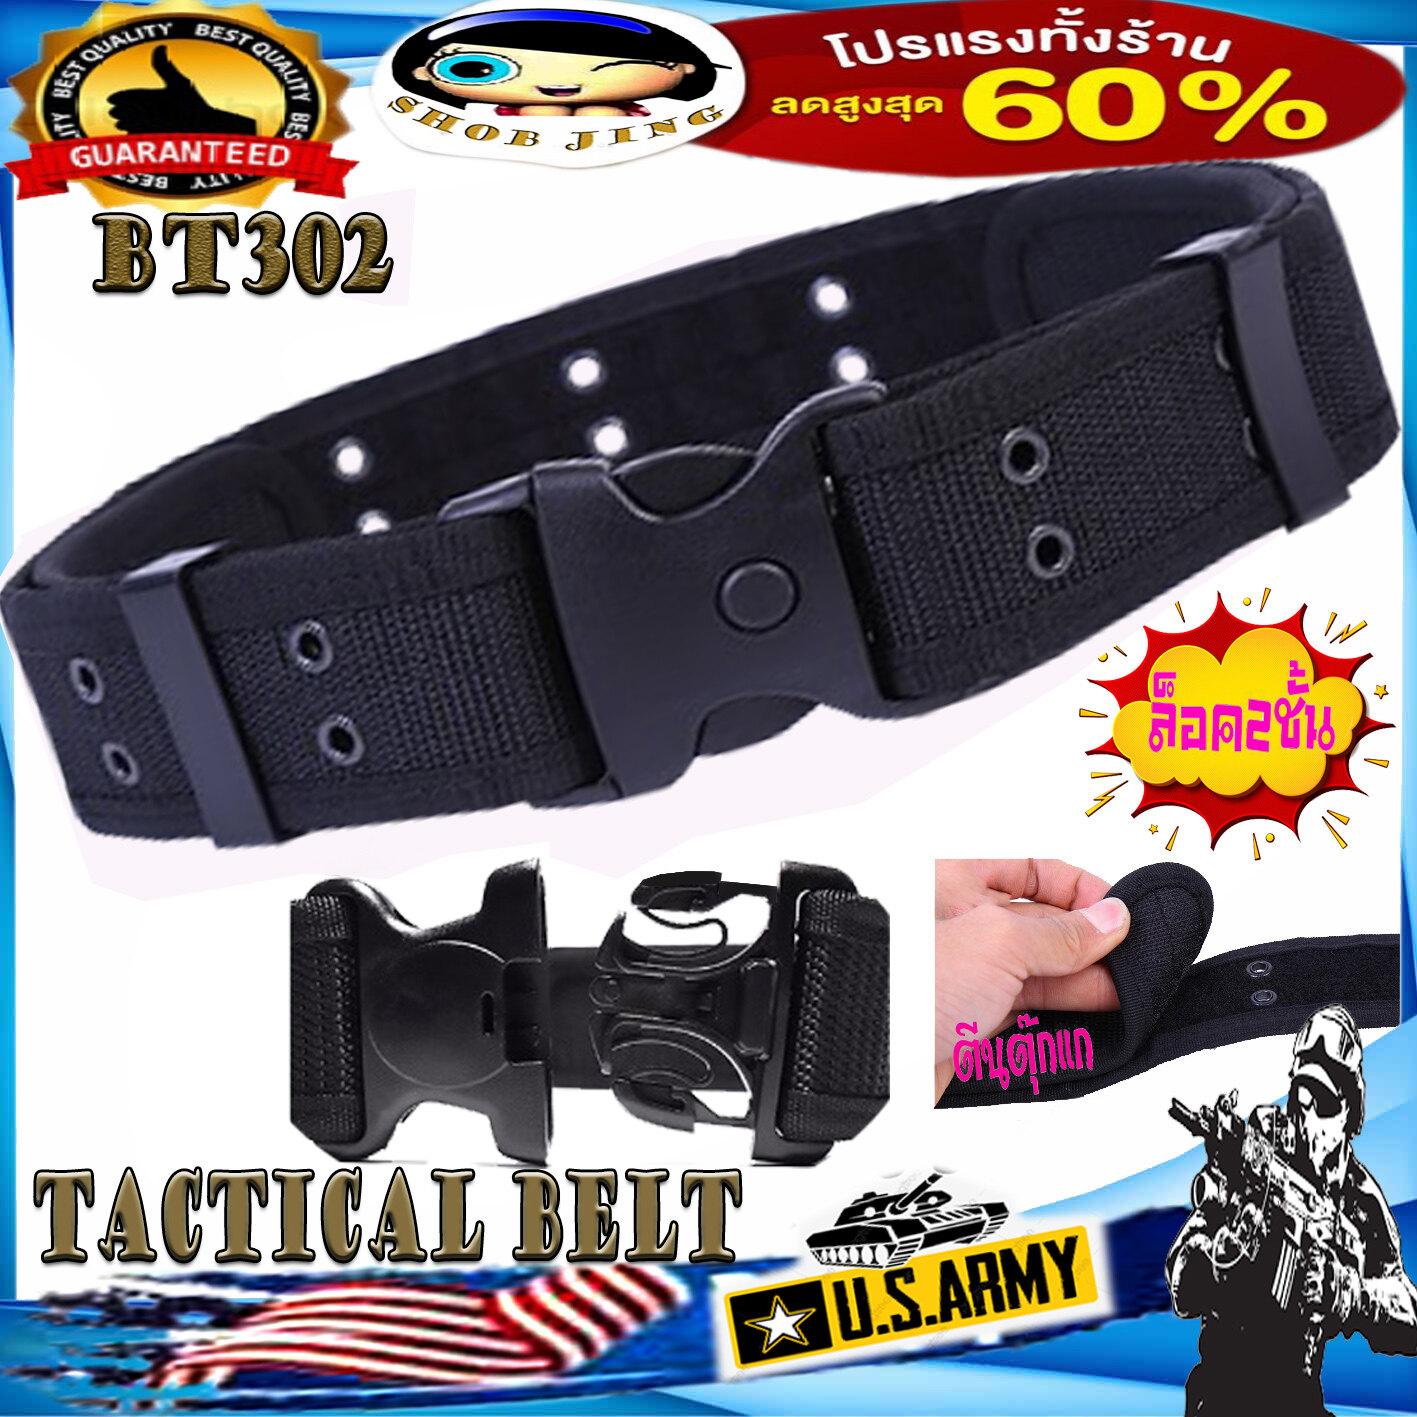 Bt03 เข็มขัดสนามล็อก2ชั้น สายสีดำ เข็มขัดยุทธวิธี เข็มขัดตำรวจ เข็มขัดทหาร เข็มขัดปีนเขา เข็มขัดยาม สายแข็งแรงหนาทนทานbattle Belt Belt Ammy.